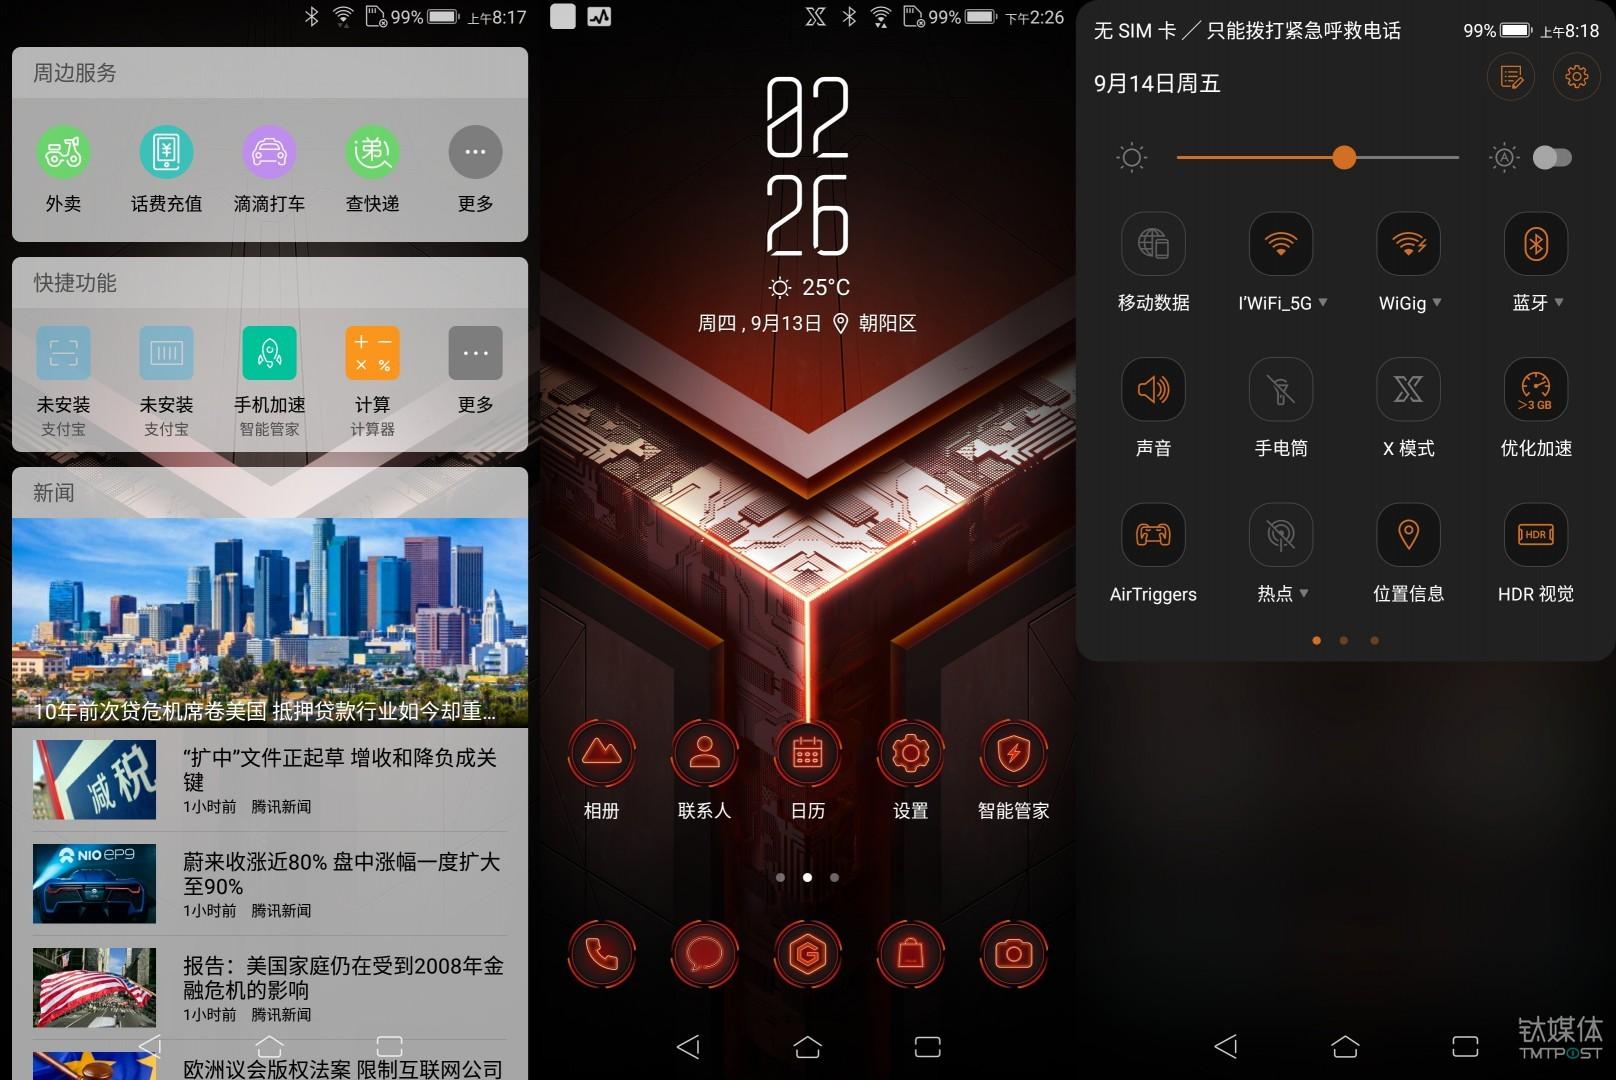 基于Android Oreo 8.1的ROG UI